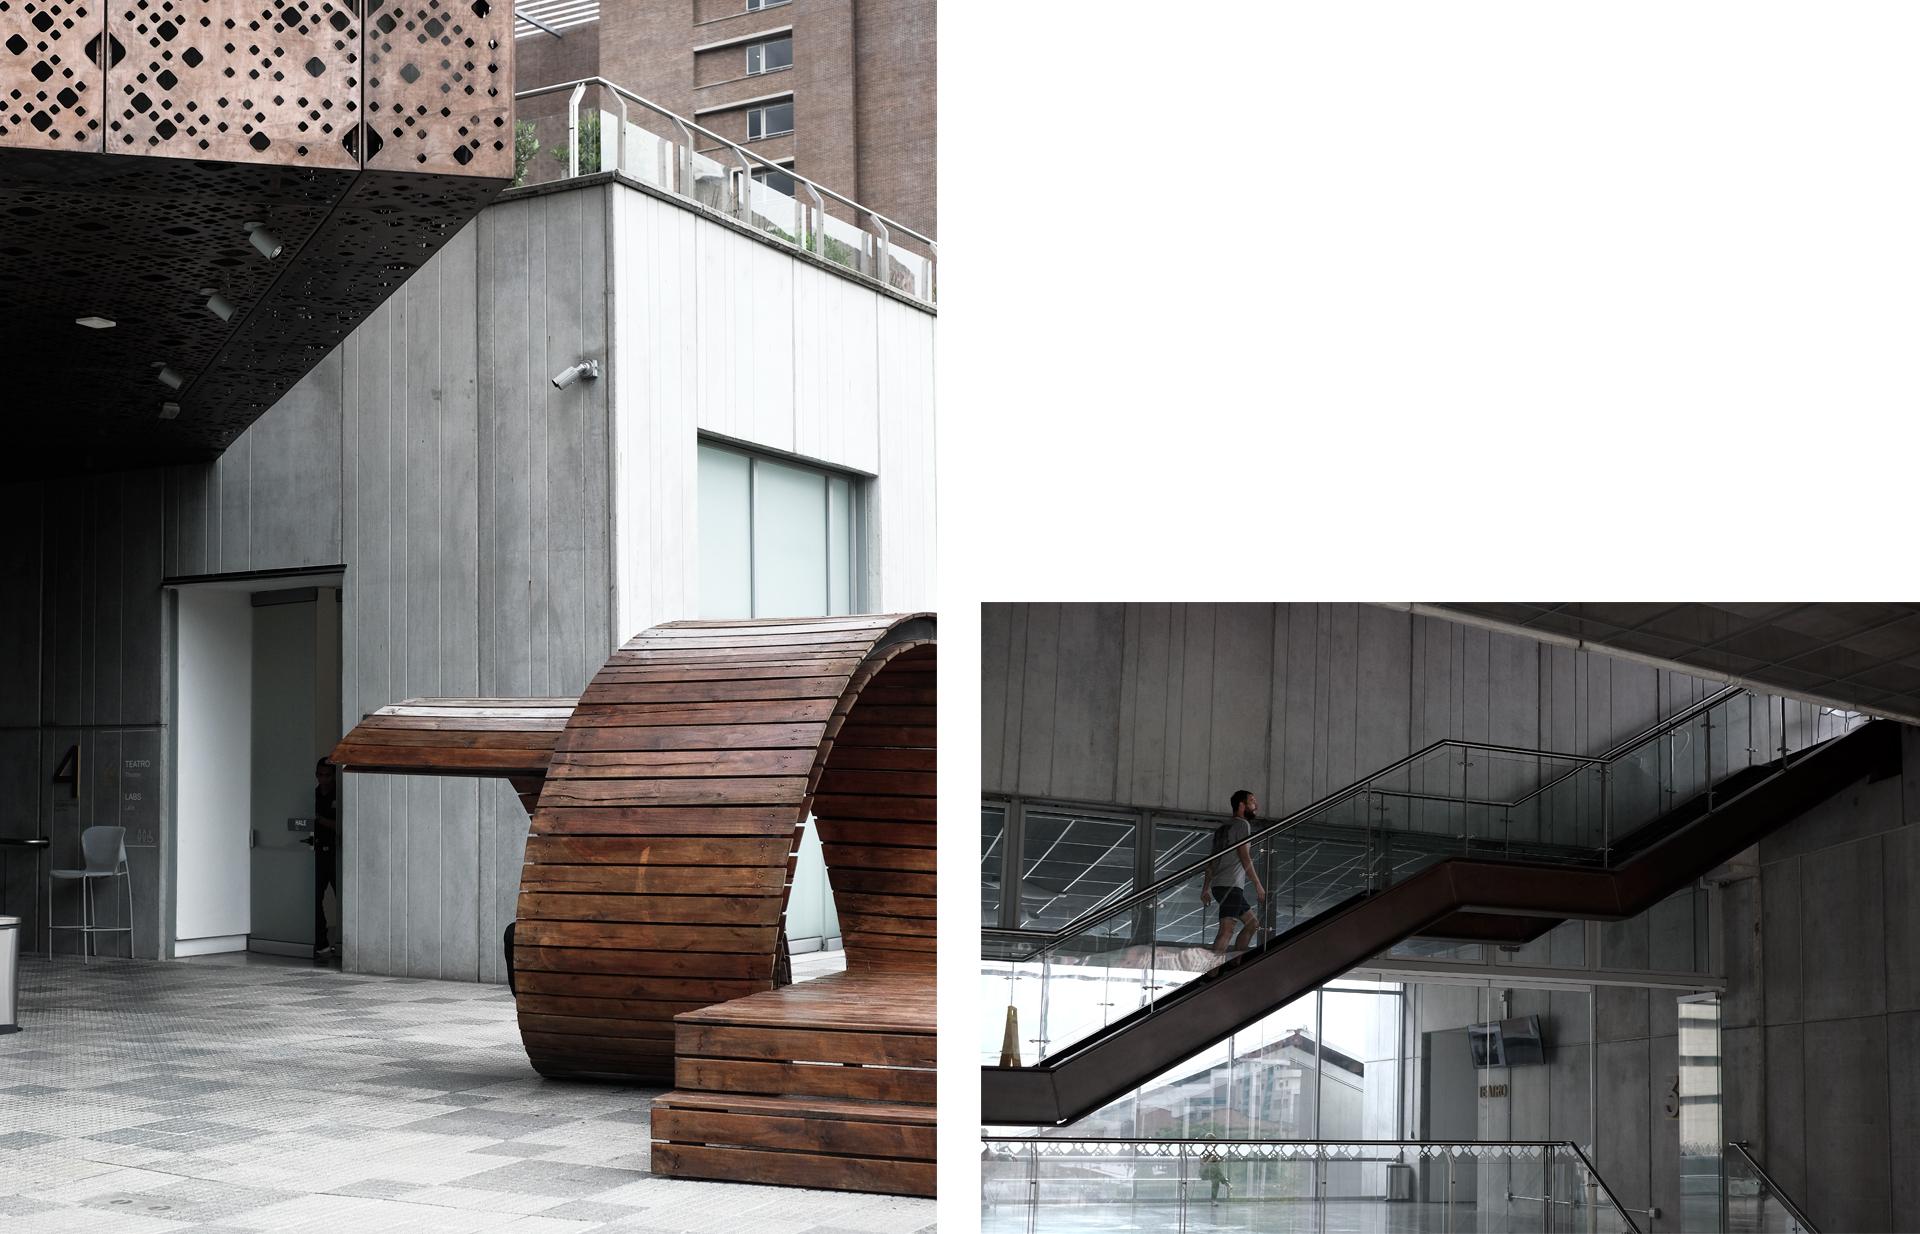 museo arte moderno medellin architecture grey